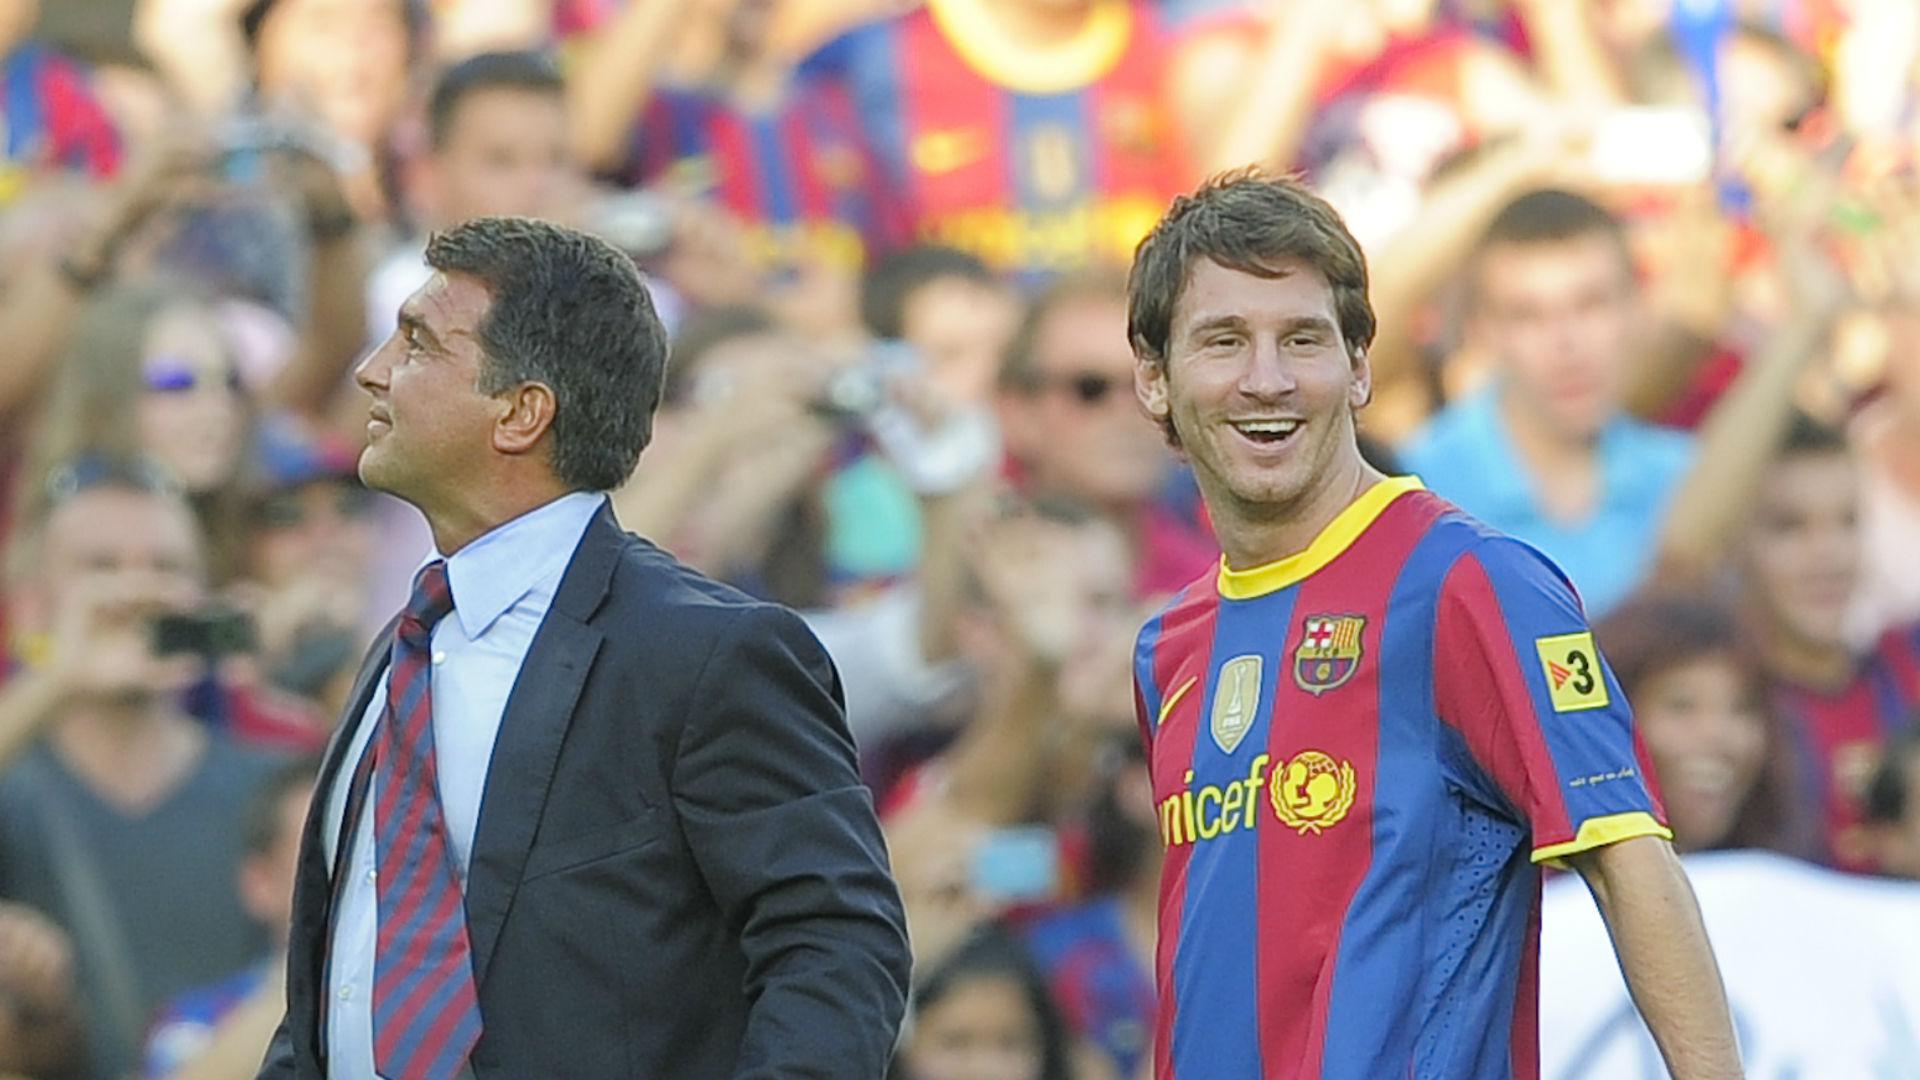 Laporta has 'advantage' in bid to keep Messi at Barca